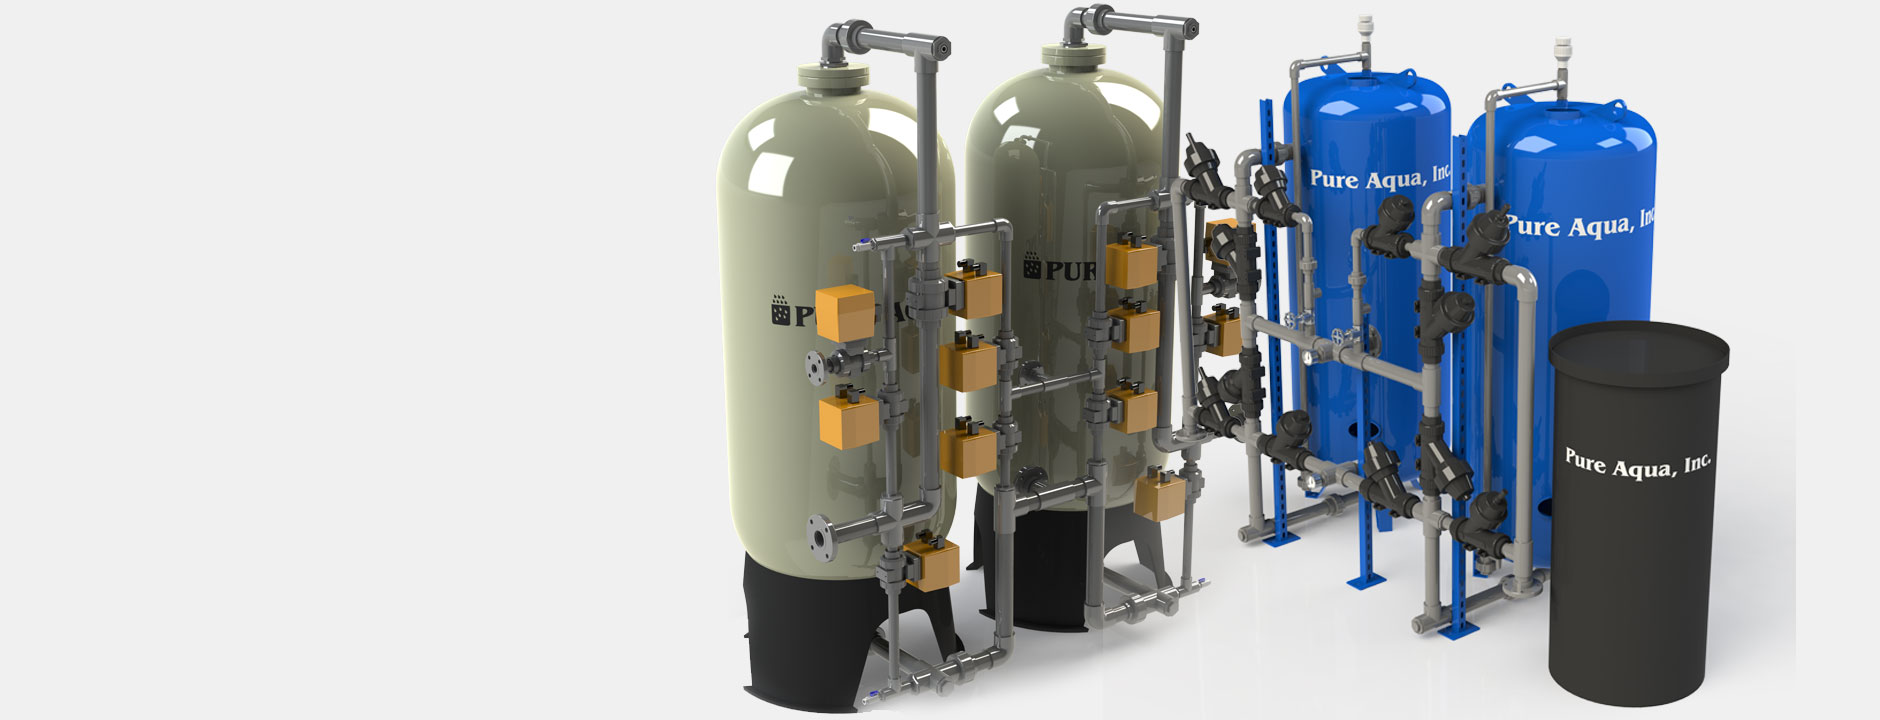 Échangeurs d'ions, systèmes d'adoucisseurs d'eau